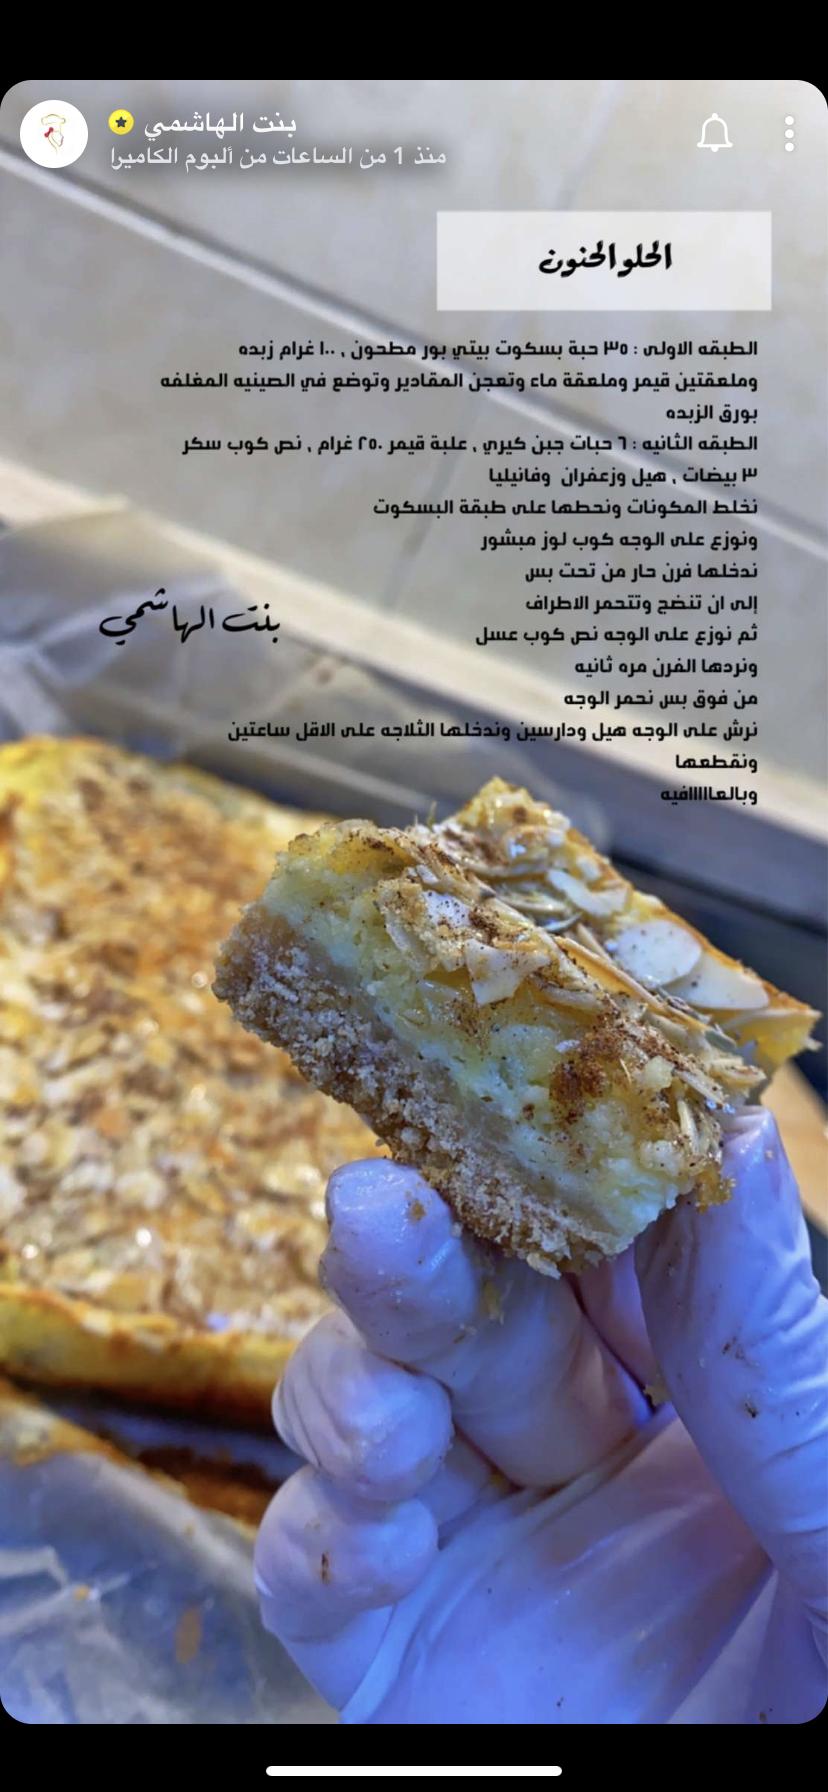 حلا قهوة Cooking Recipes Desserts Food Cooking